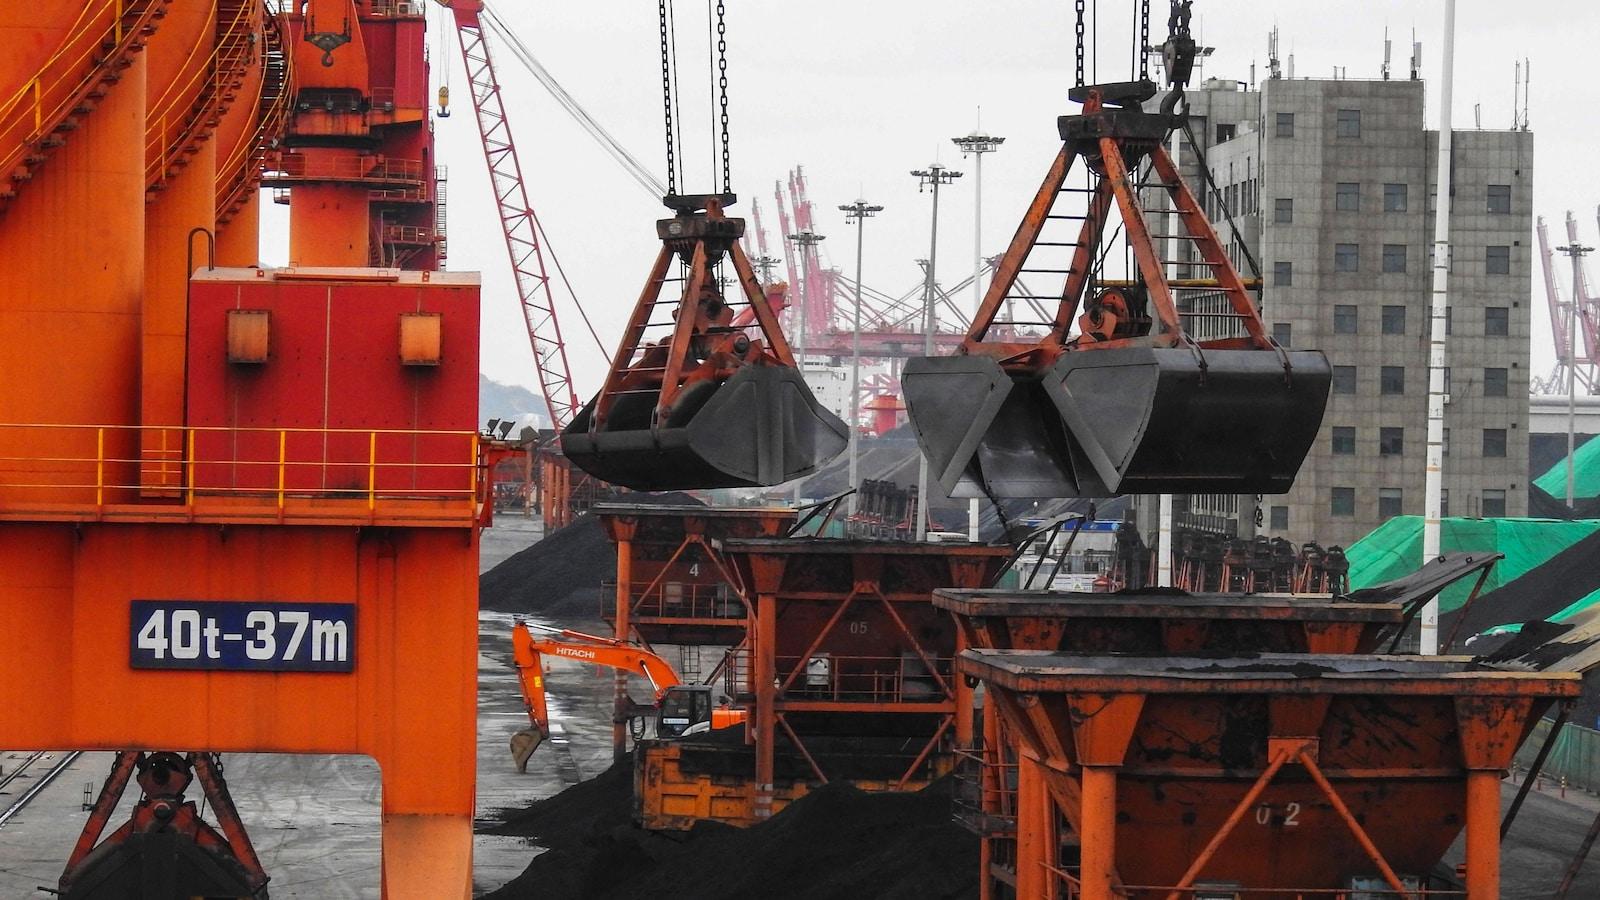 Des grues transfèrent des quantités de charbon dans des conteneurs dans un port chinois.